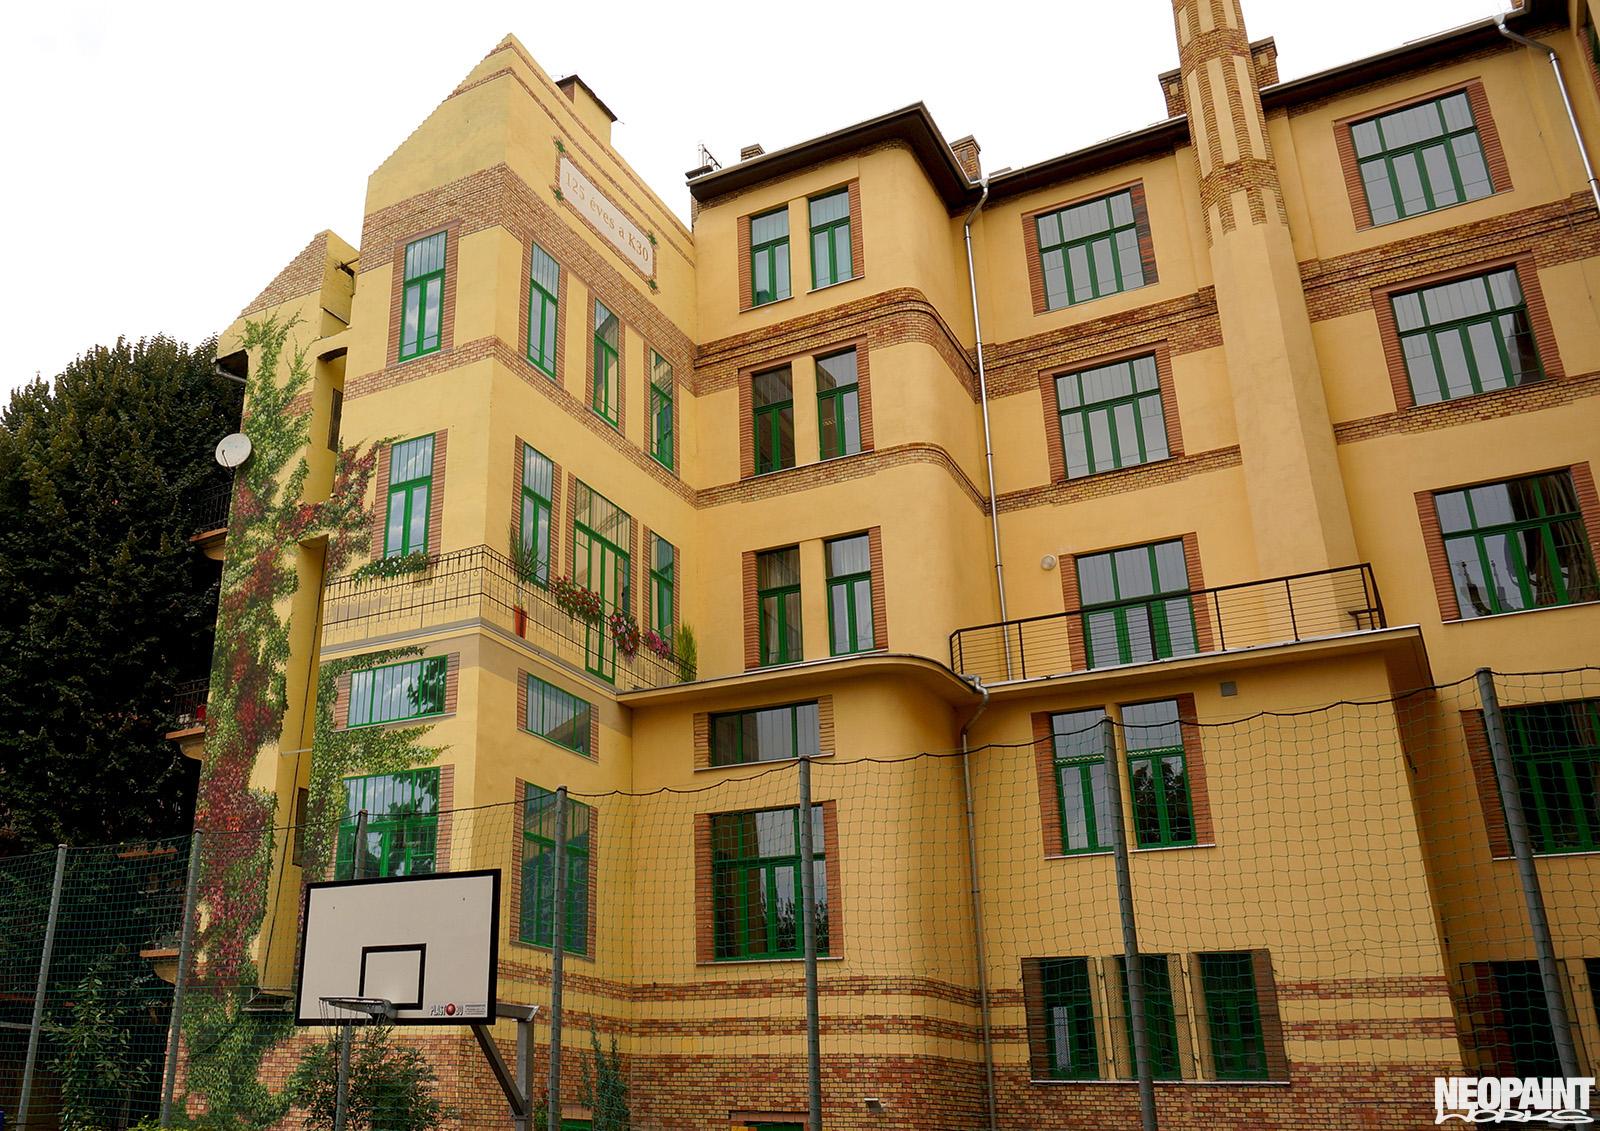 neopaint works - épület dekorfestés - iskola belső udvar